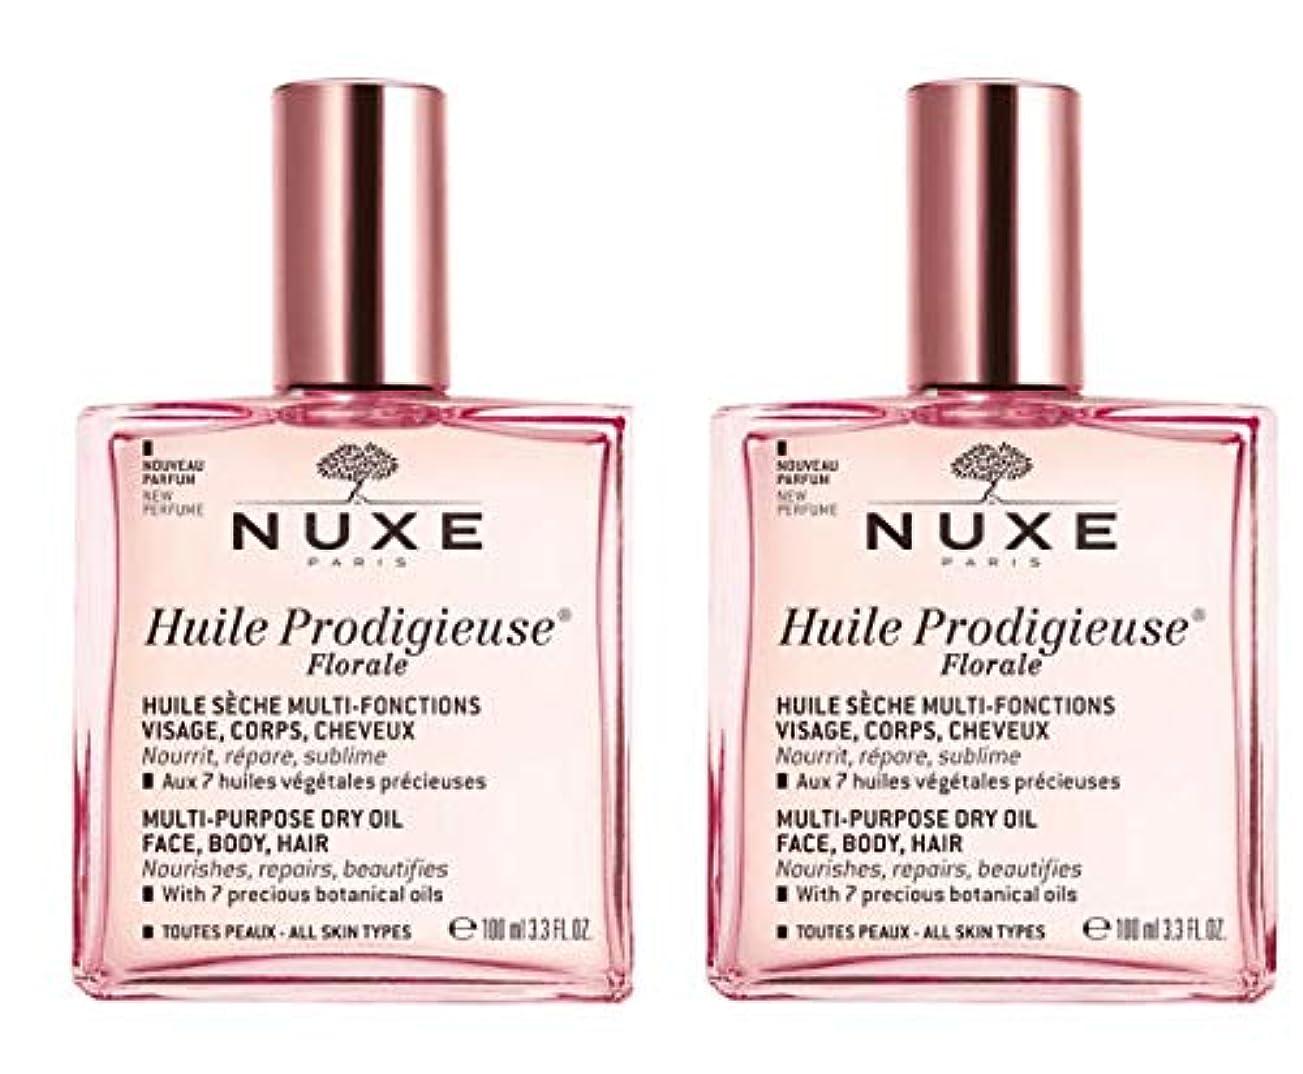 鏡フェードアウト突破口ニュクス NUXE プロディジュー フローラルオイル 100ml 2本セット 花の香りと共に新発売 海外直送品